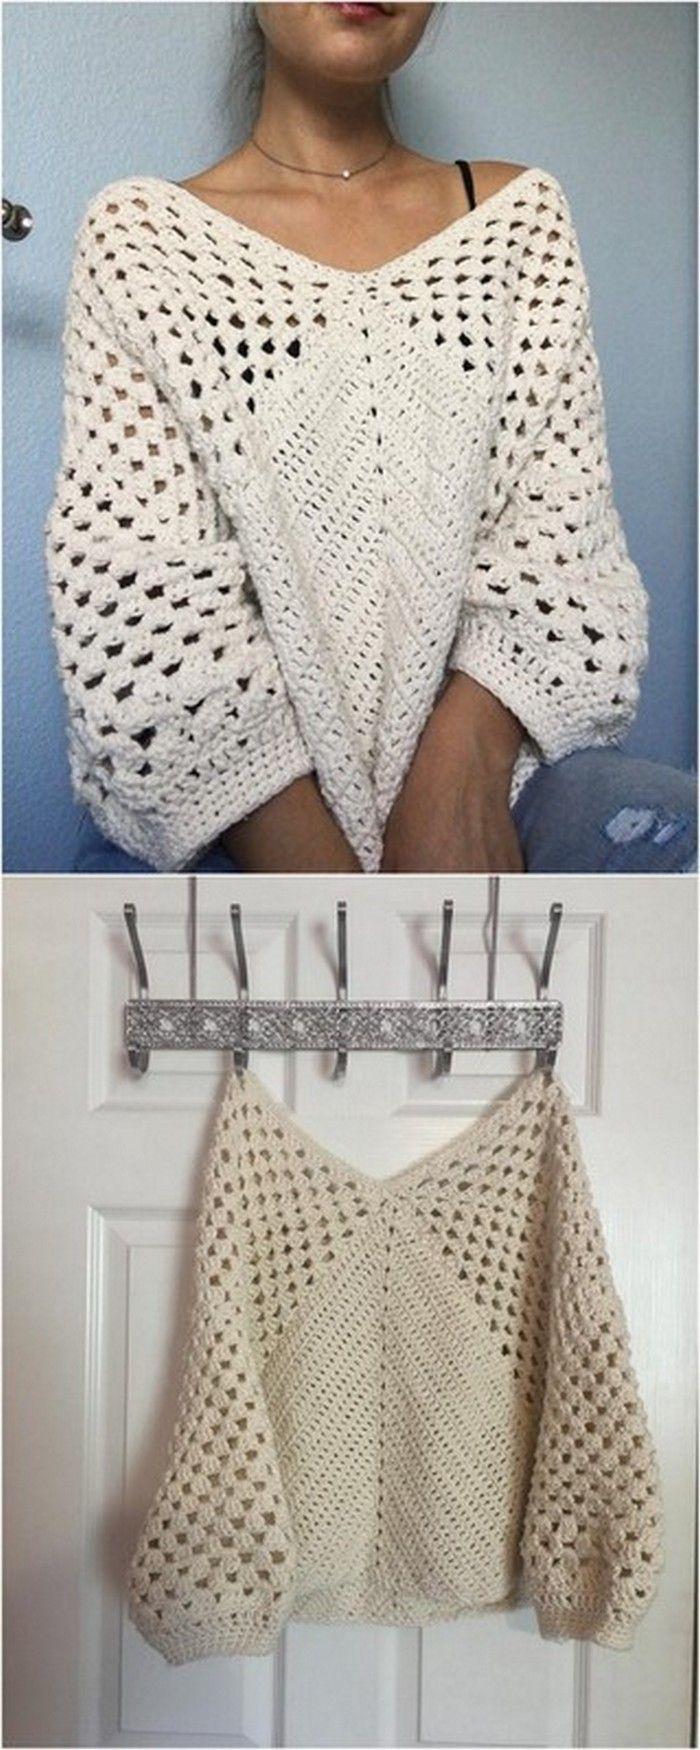 Stylish Items Free Crochet Pattern